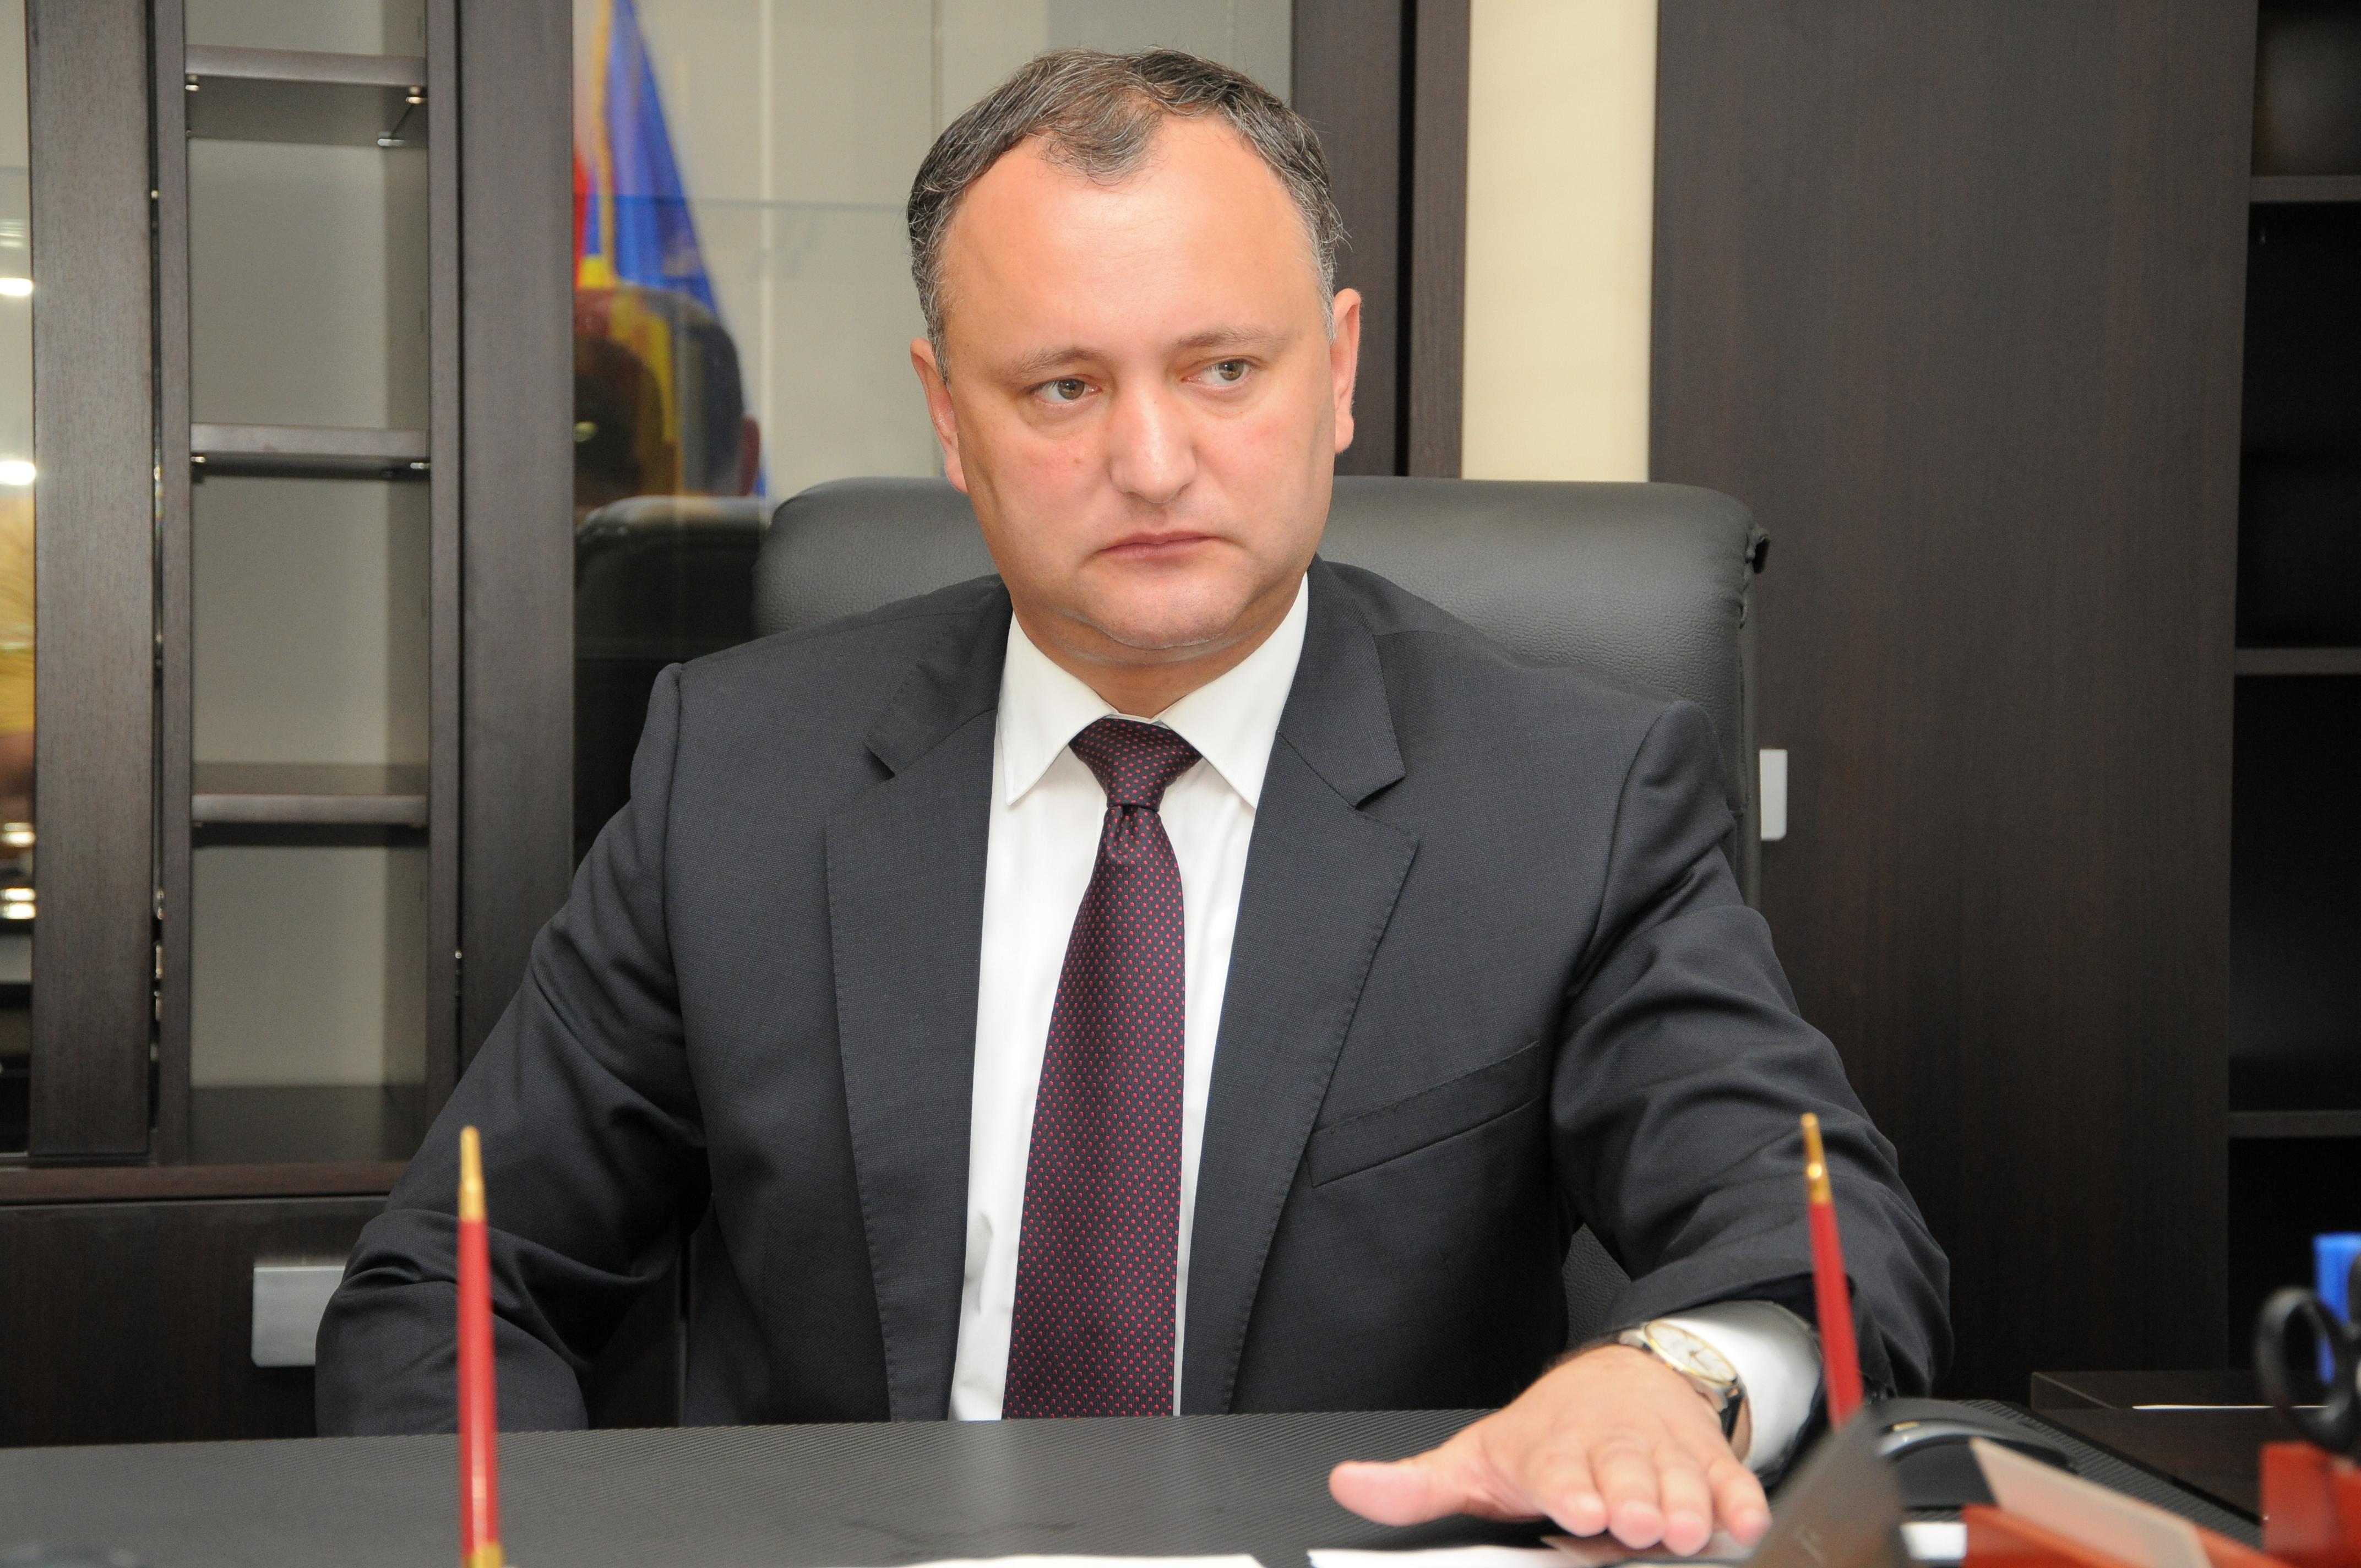 Додон потребовал отставки замминистра обороны из-за отправки военных на Украину